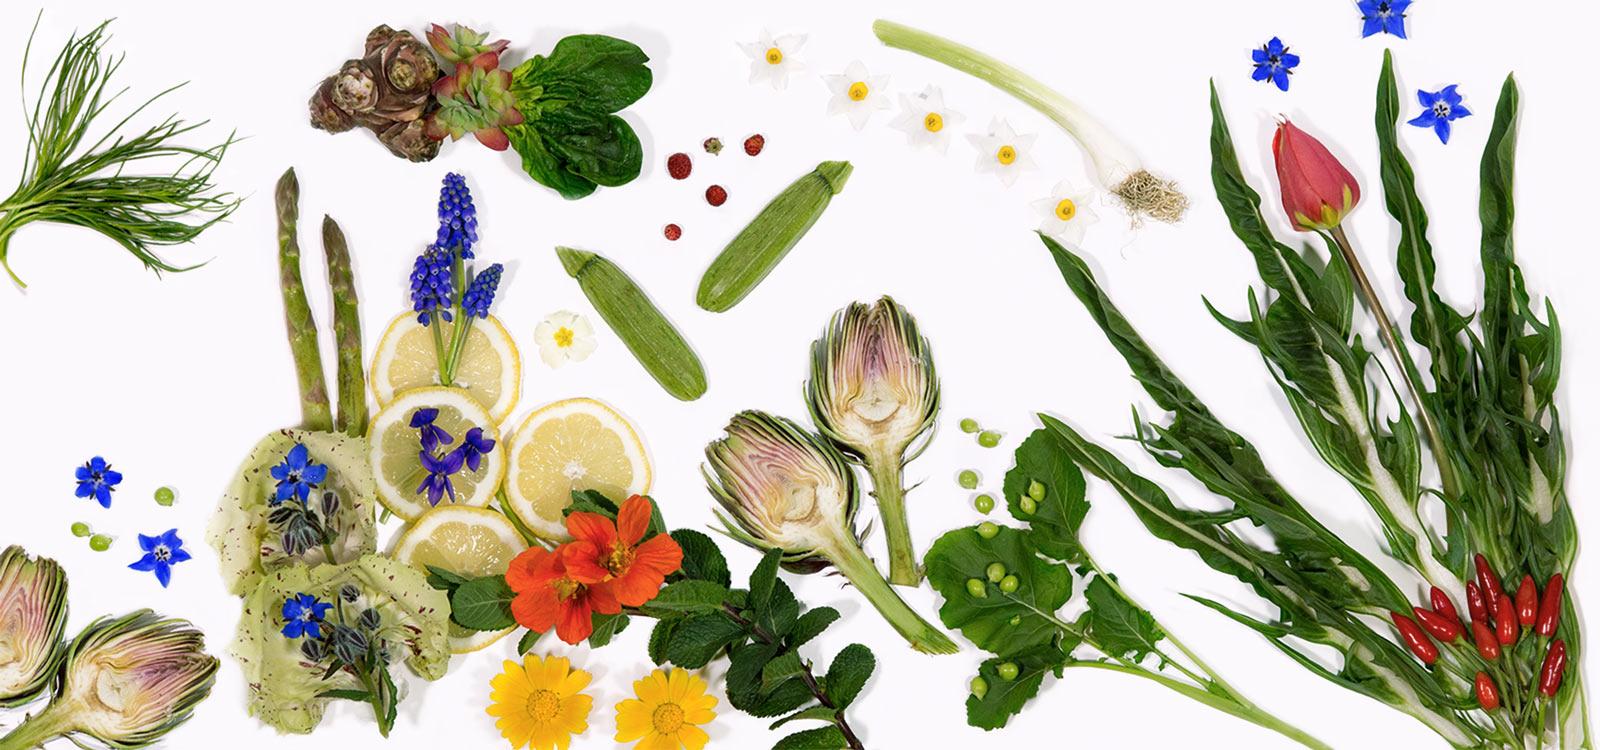 Verdure di stagione dell'Azienda Agricola Biologica Le Case Macerata